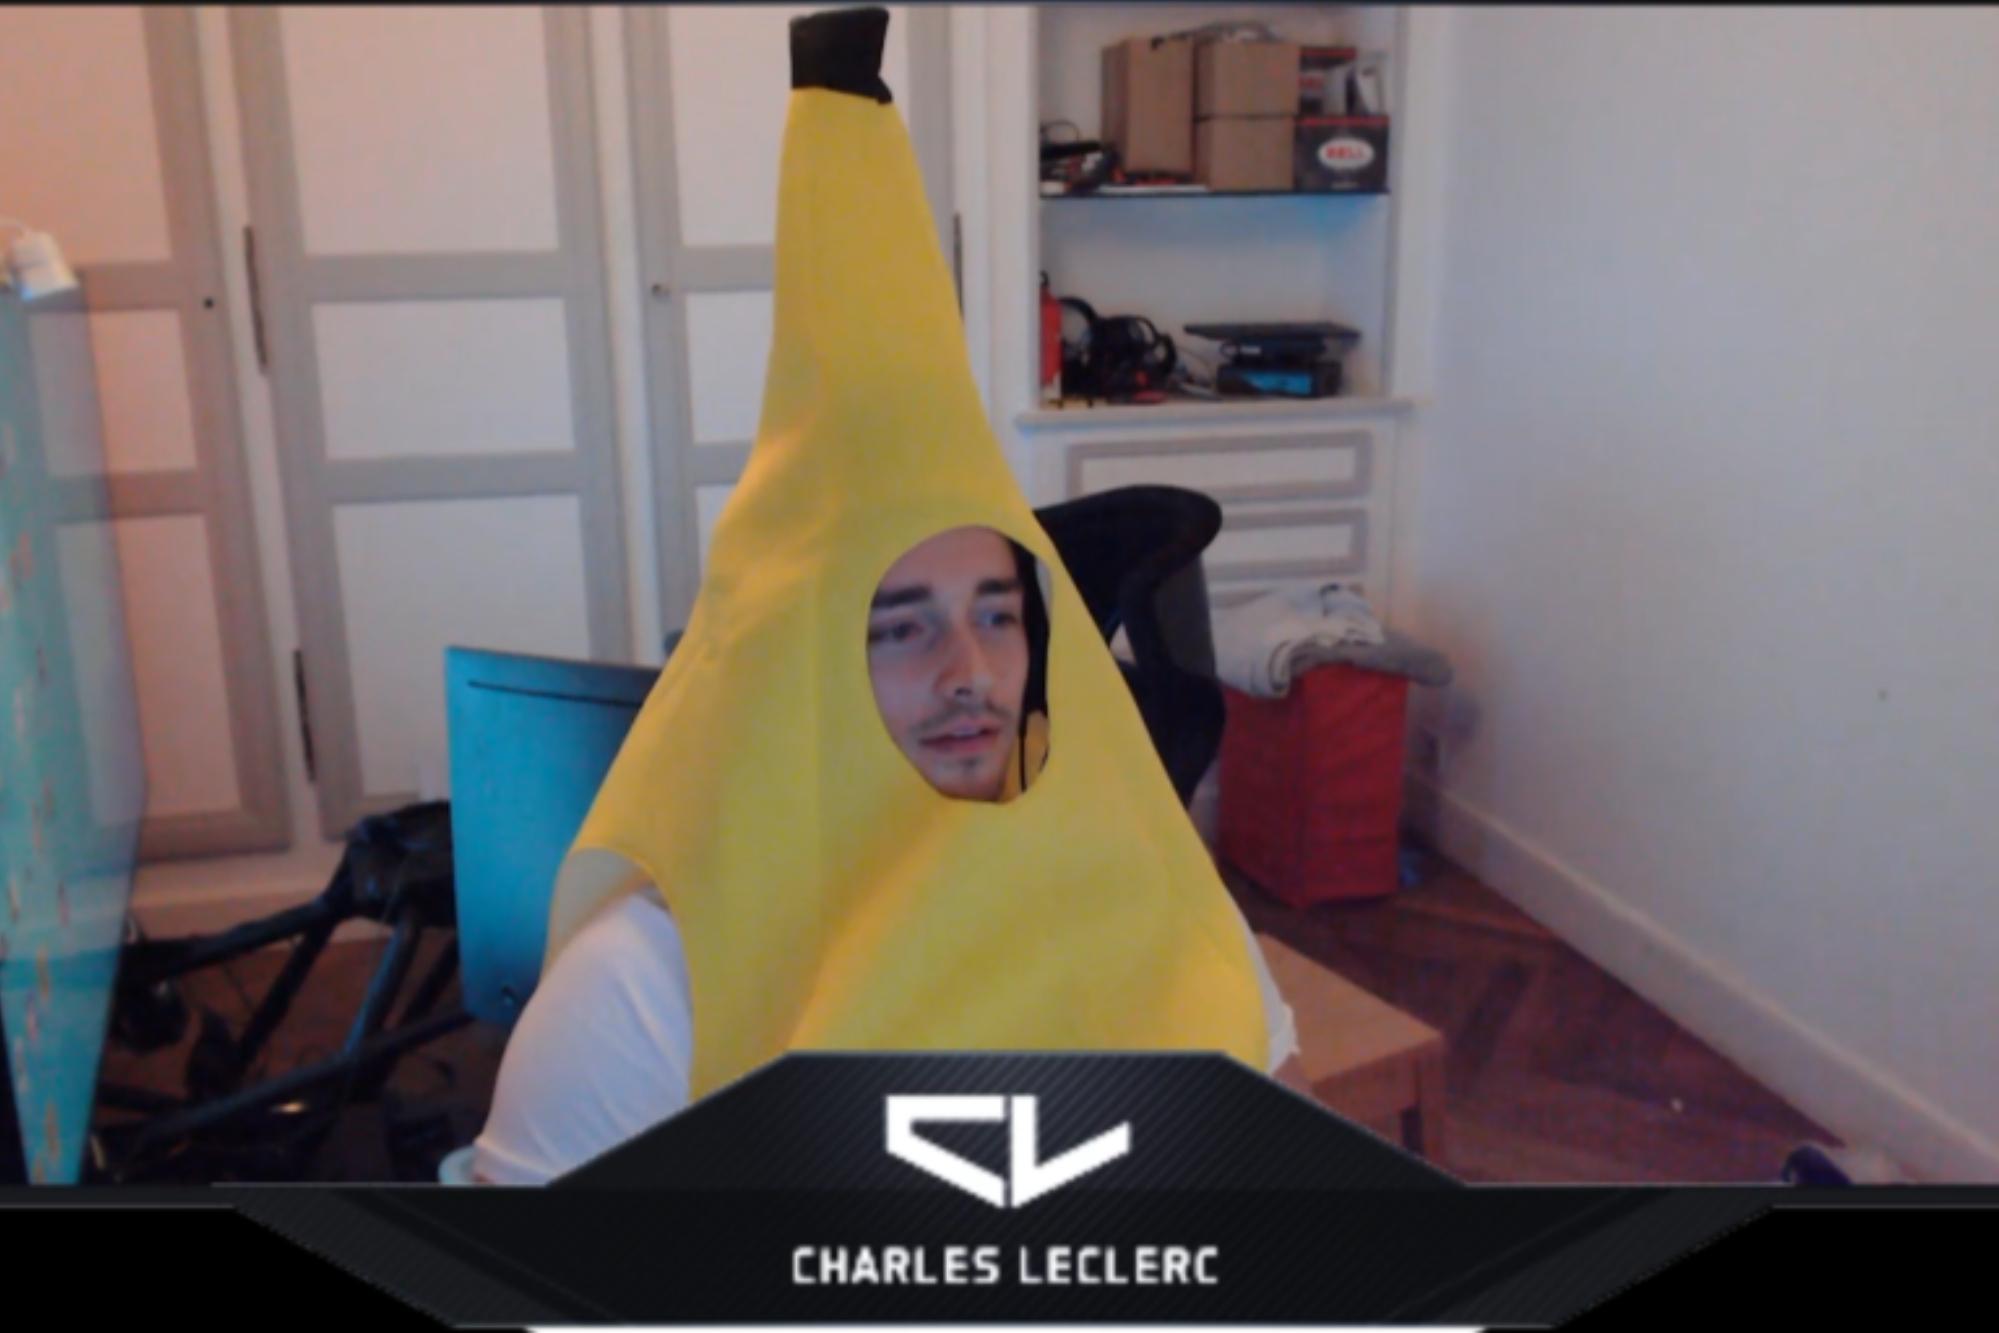 BananaLeclerc